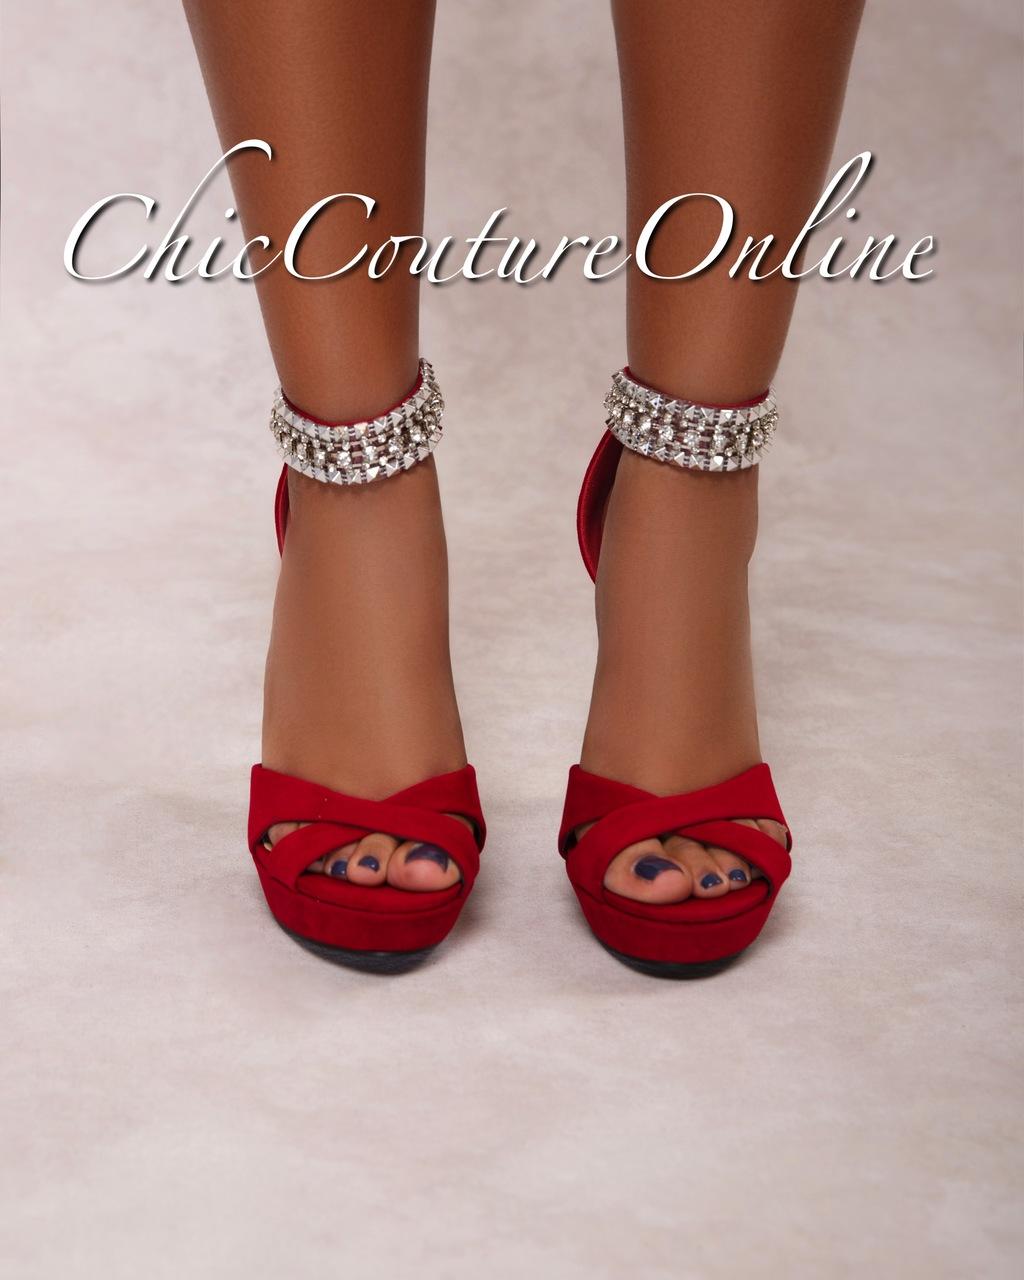 Pico Deep Red Rhinestones Ankle High Heel Sandals